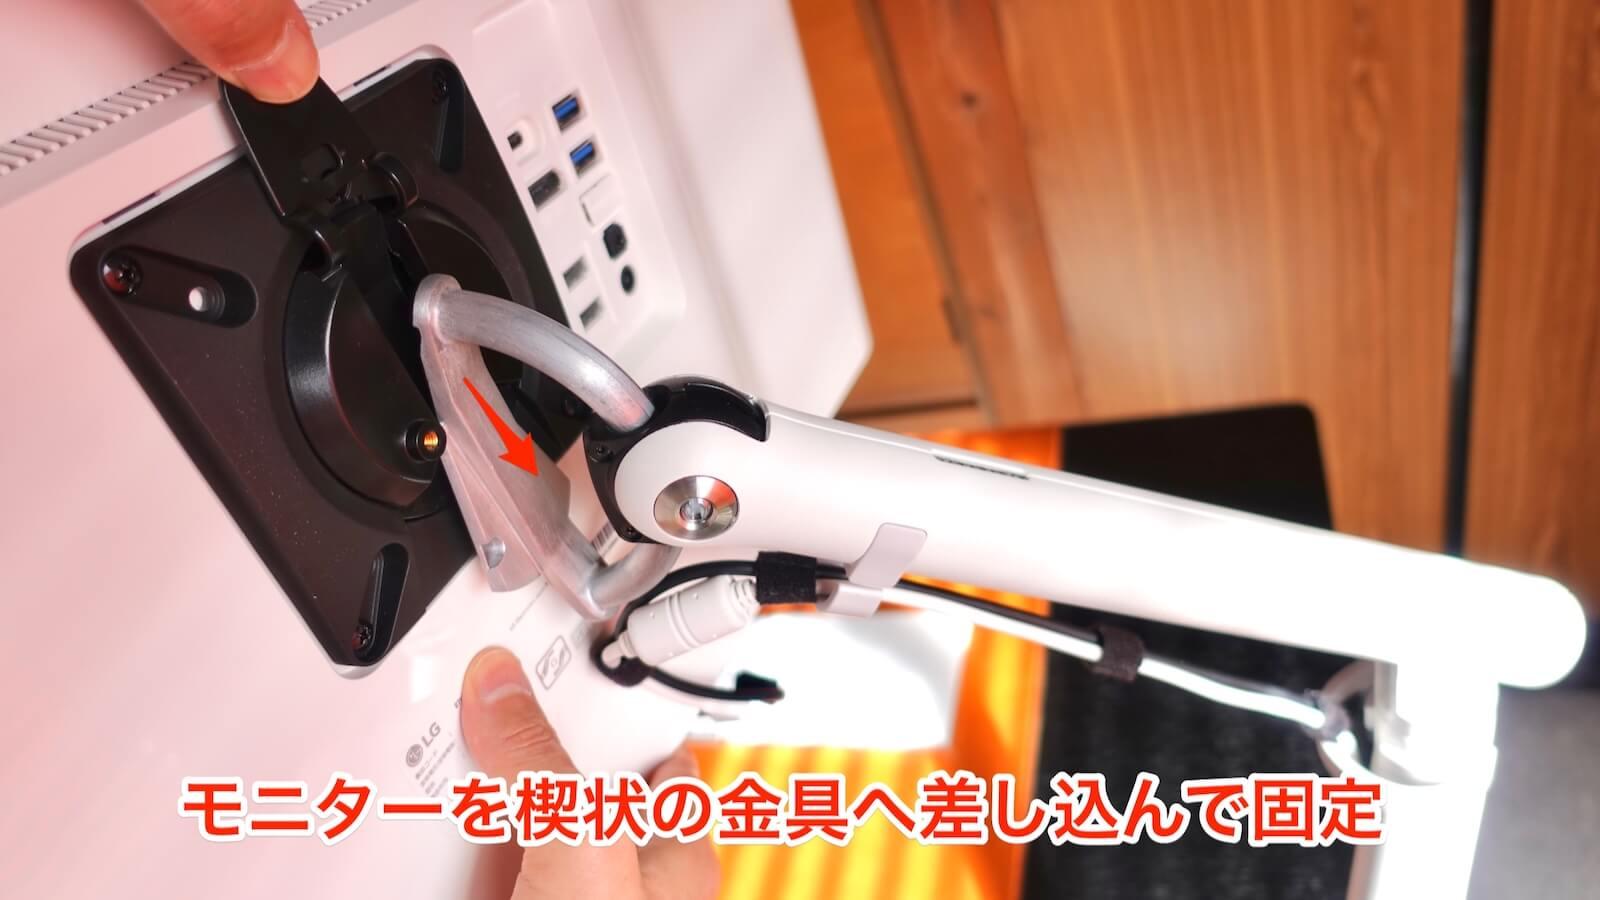 HermanMiller FLO monitor arm monitor fixing method